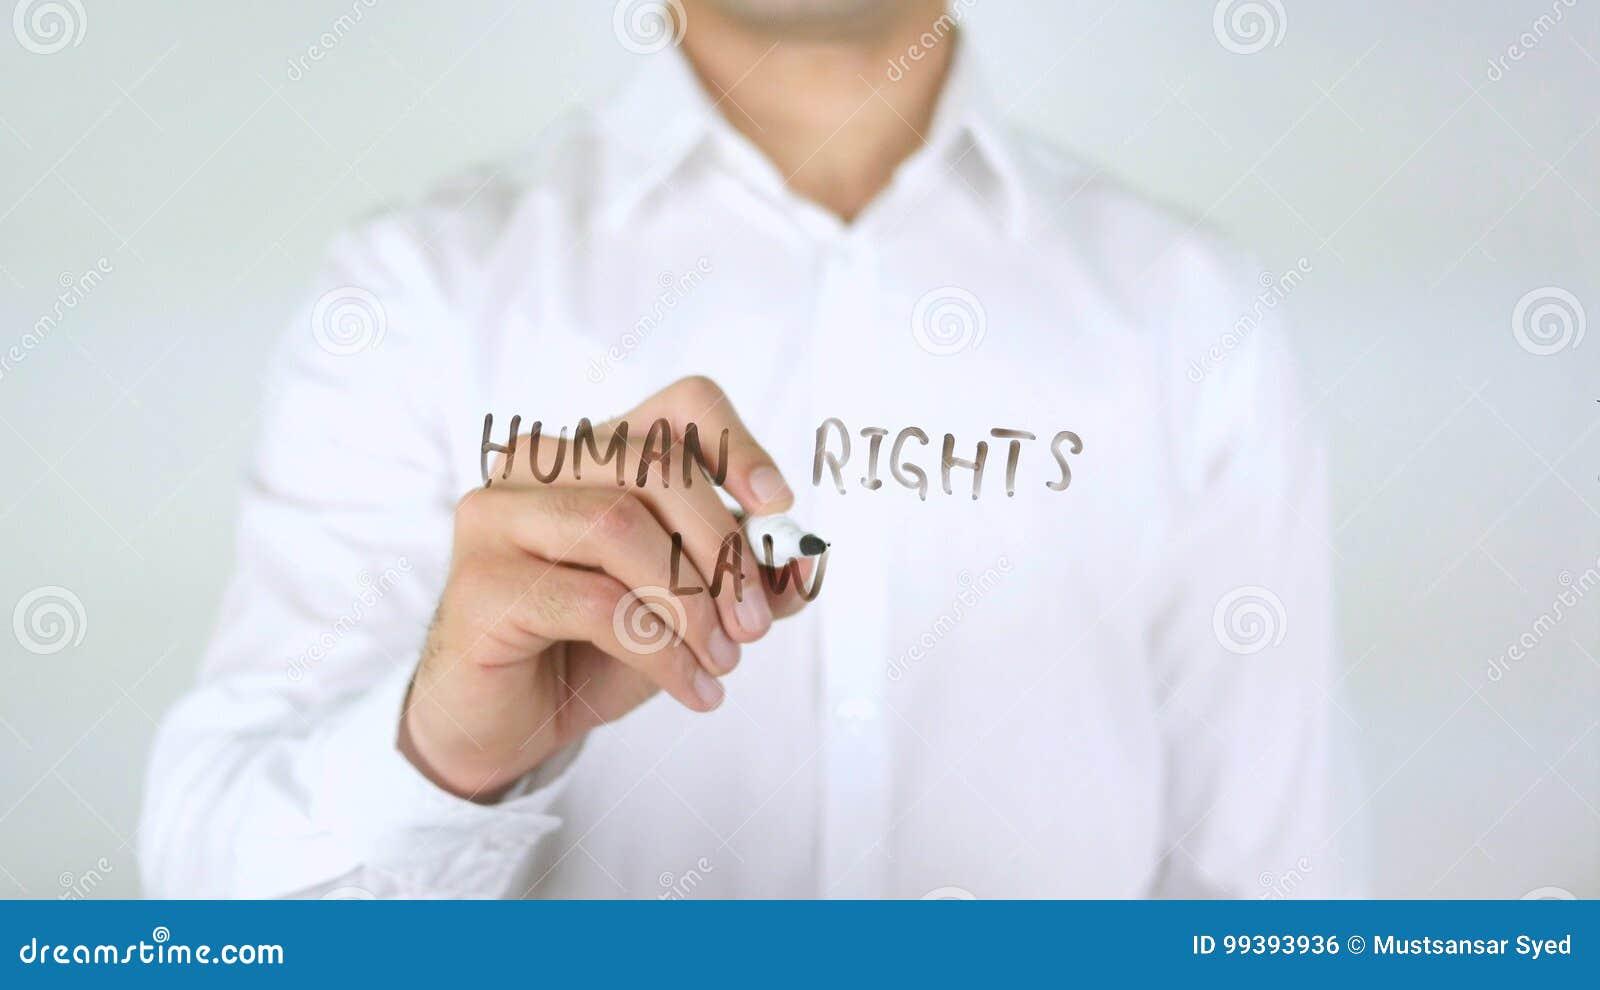 Rechten van de menswet, Zakenman Writing op Glas